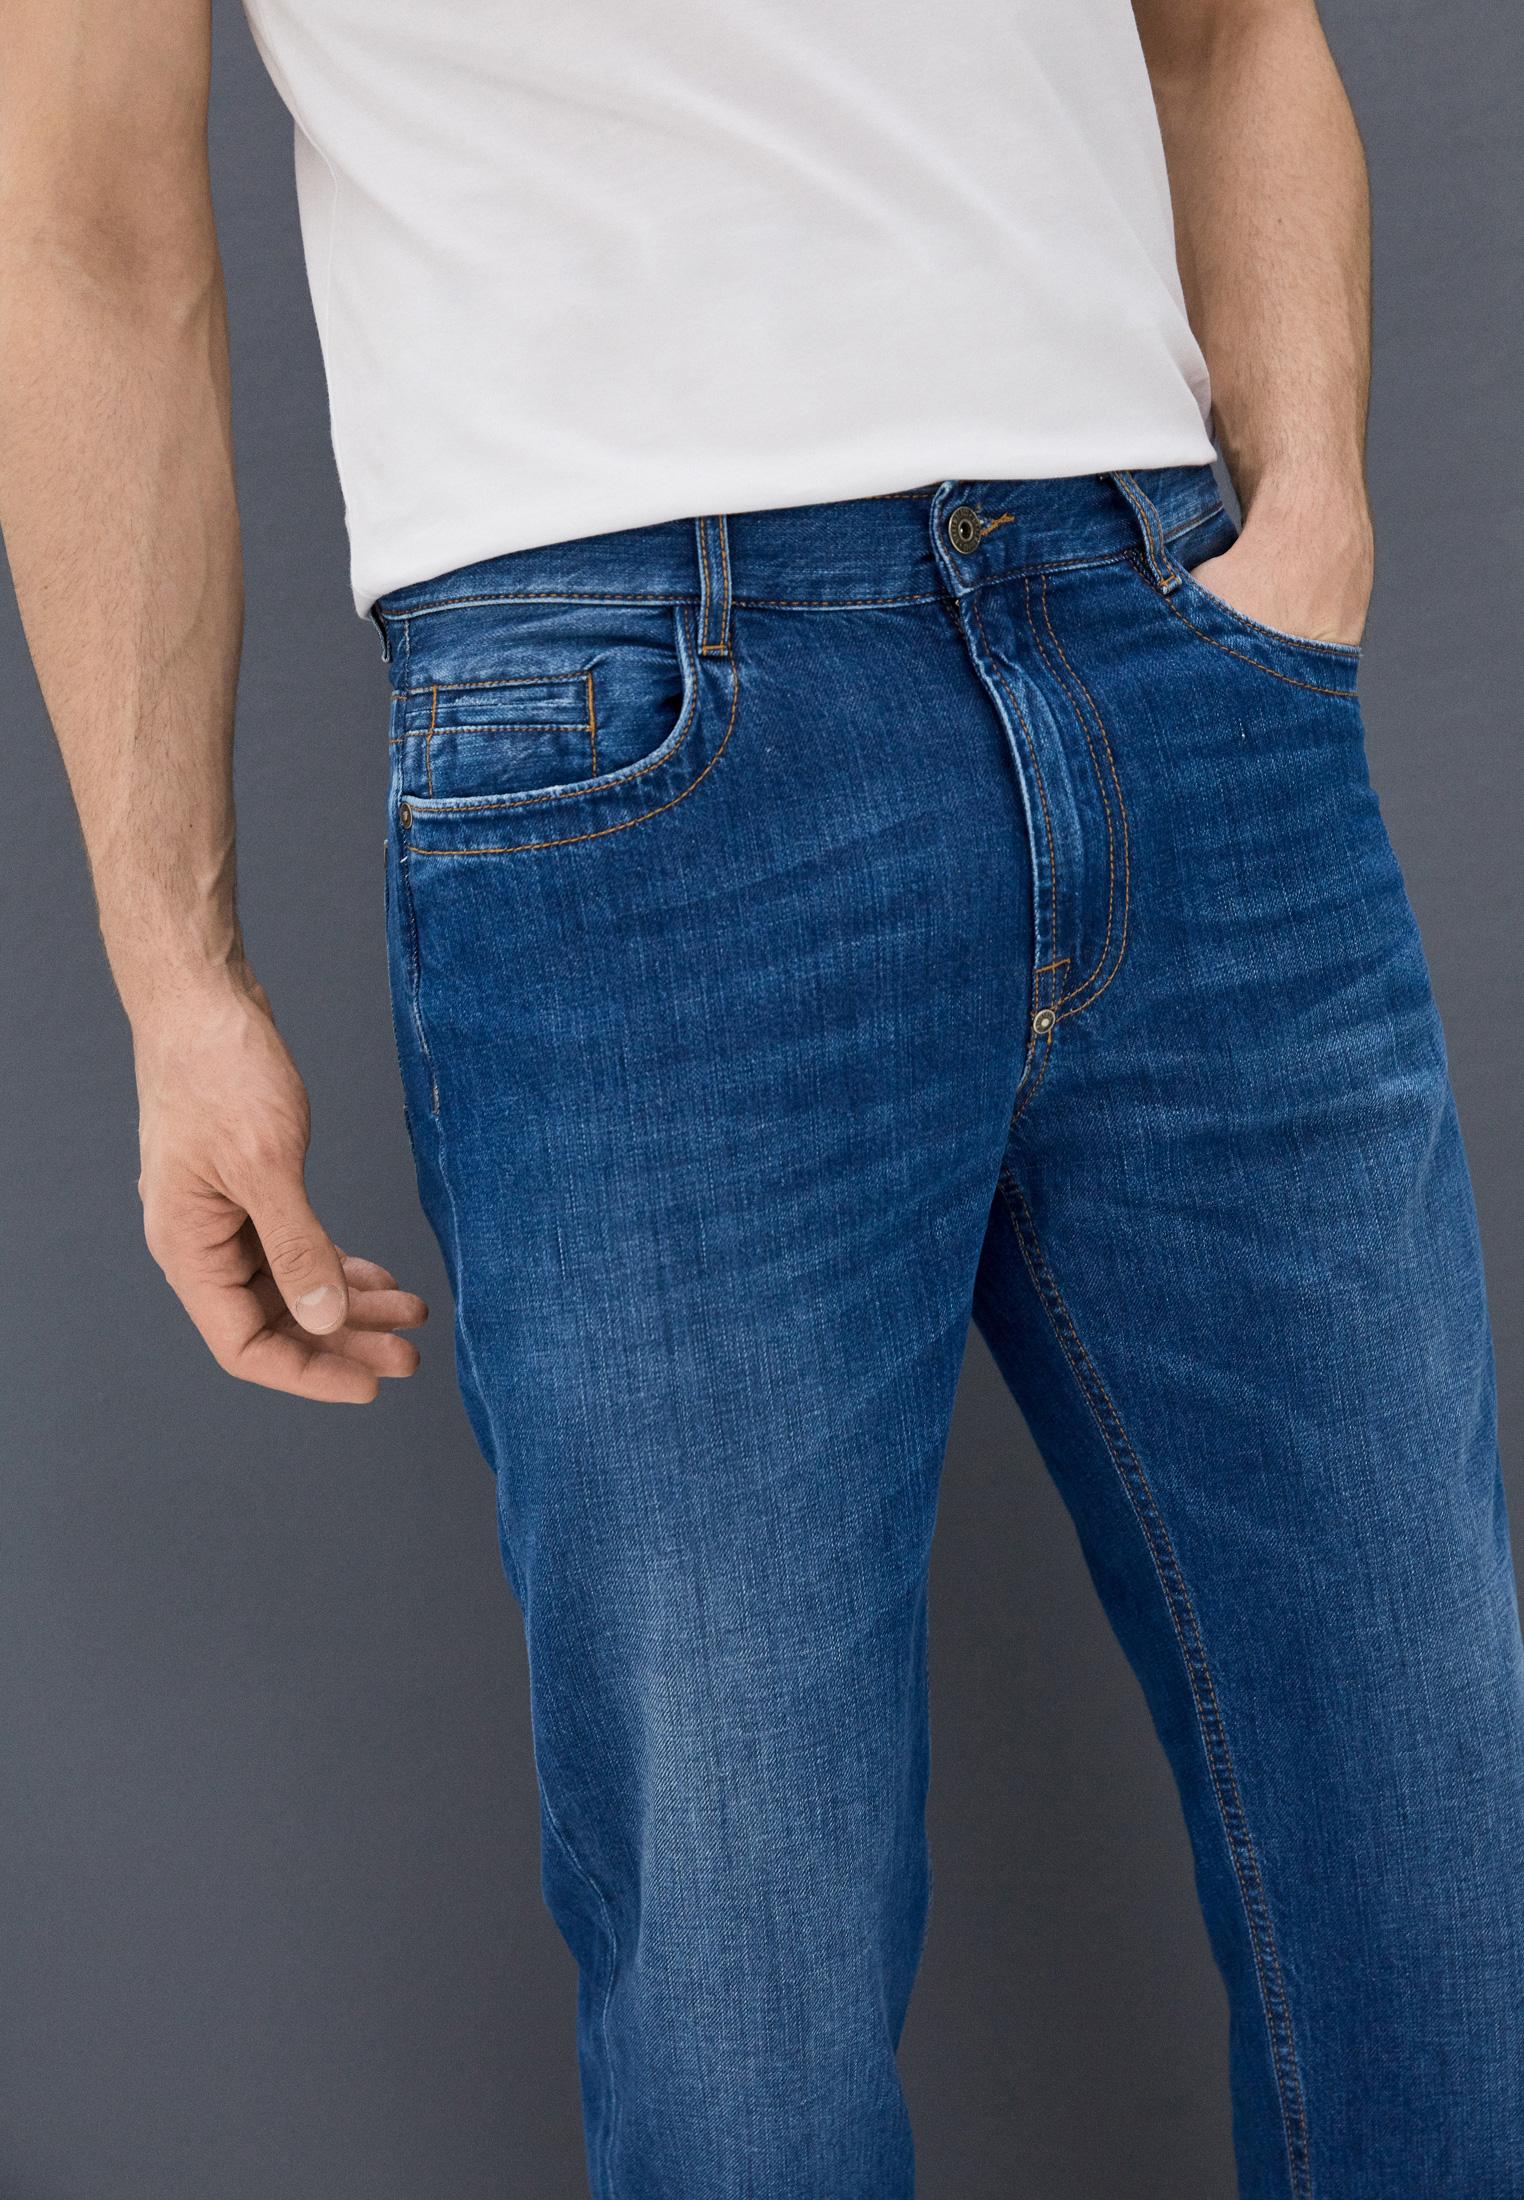 Мужские прямые джинсы Bikkembergs (Биккембергс) c q 102 03 t 9974: изображение 2